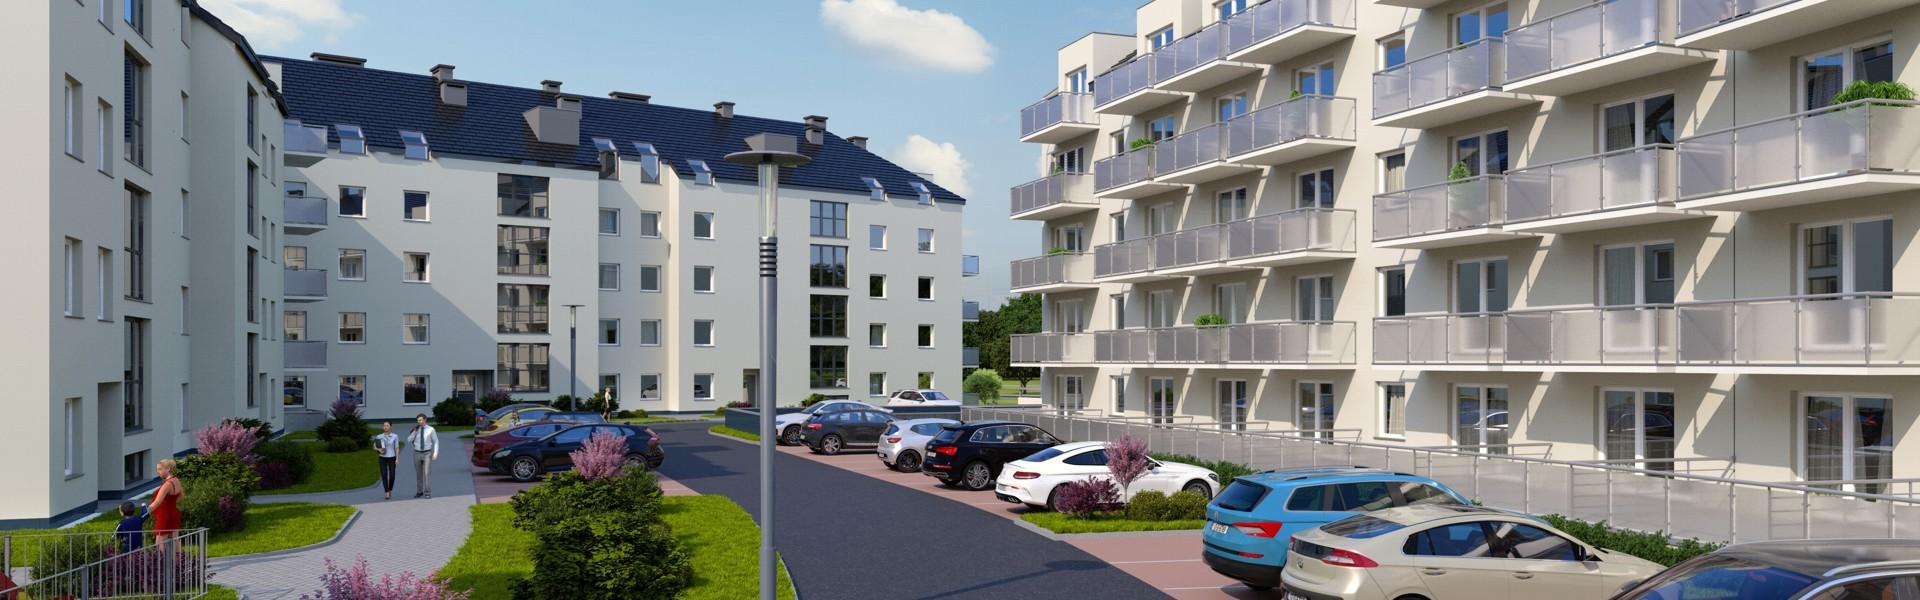 Mieszkania na sprzedaż - Zielona Góra